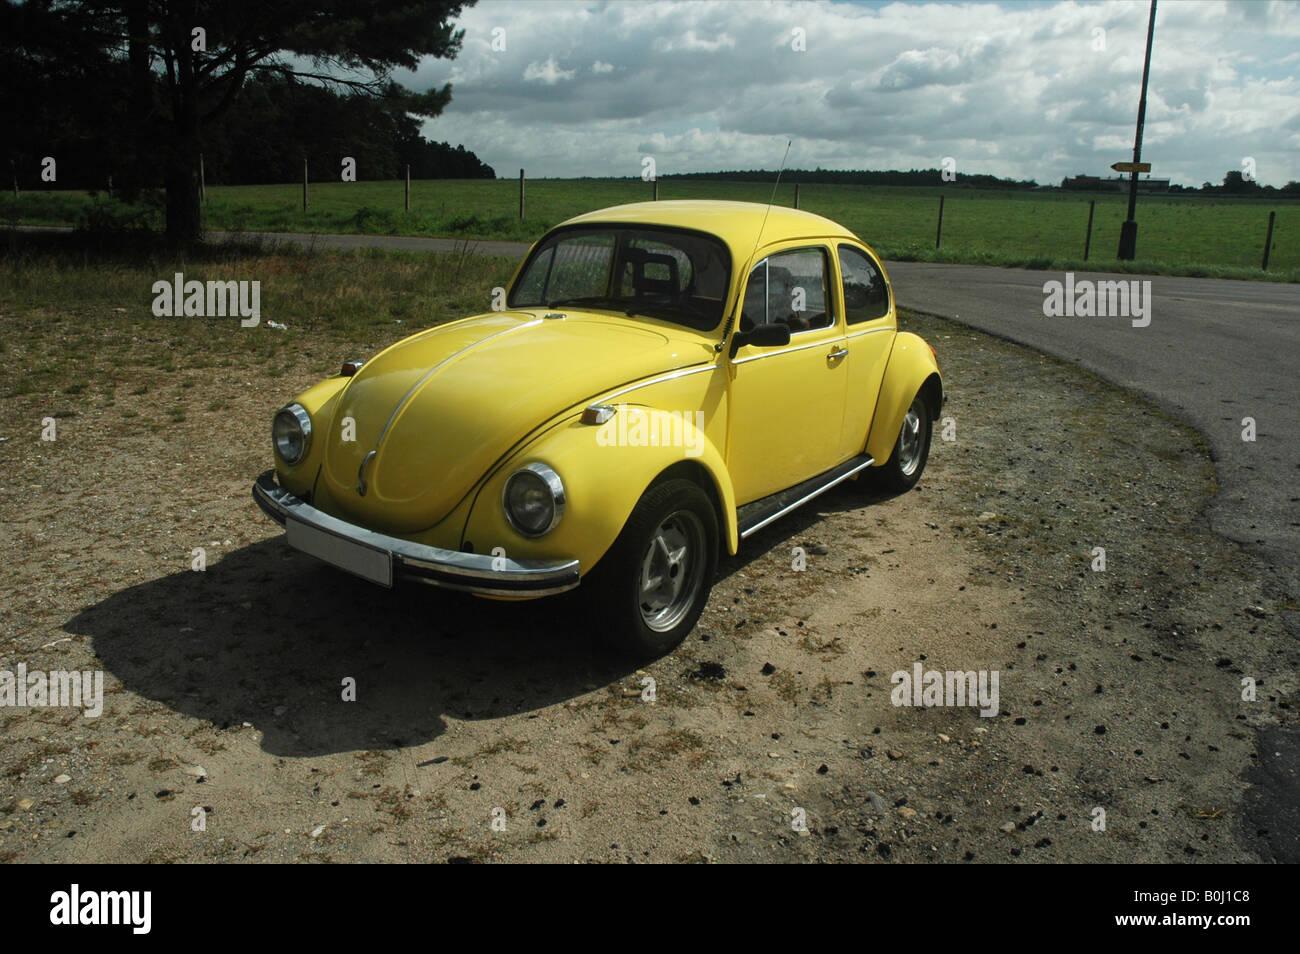 yellow VW beetle 1302 on sandy ground - Stock Image